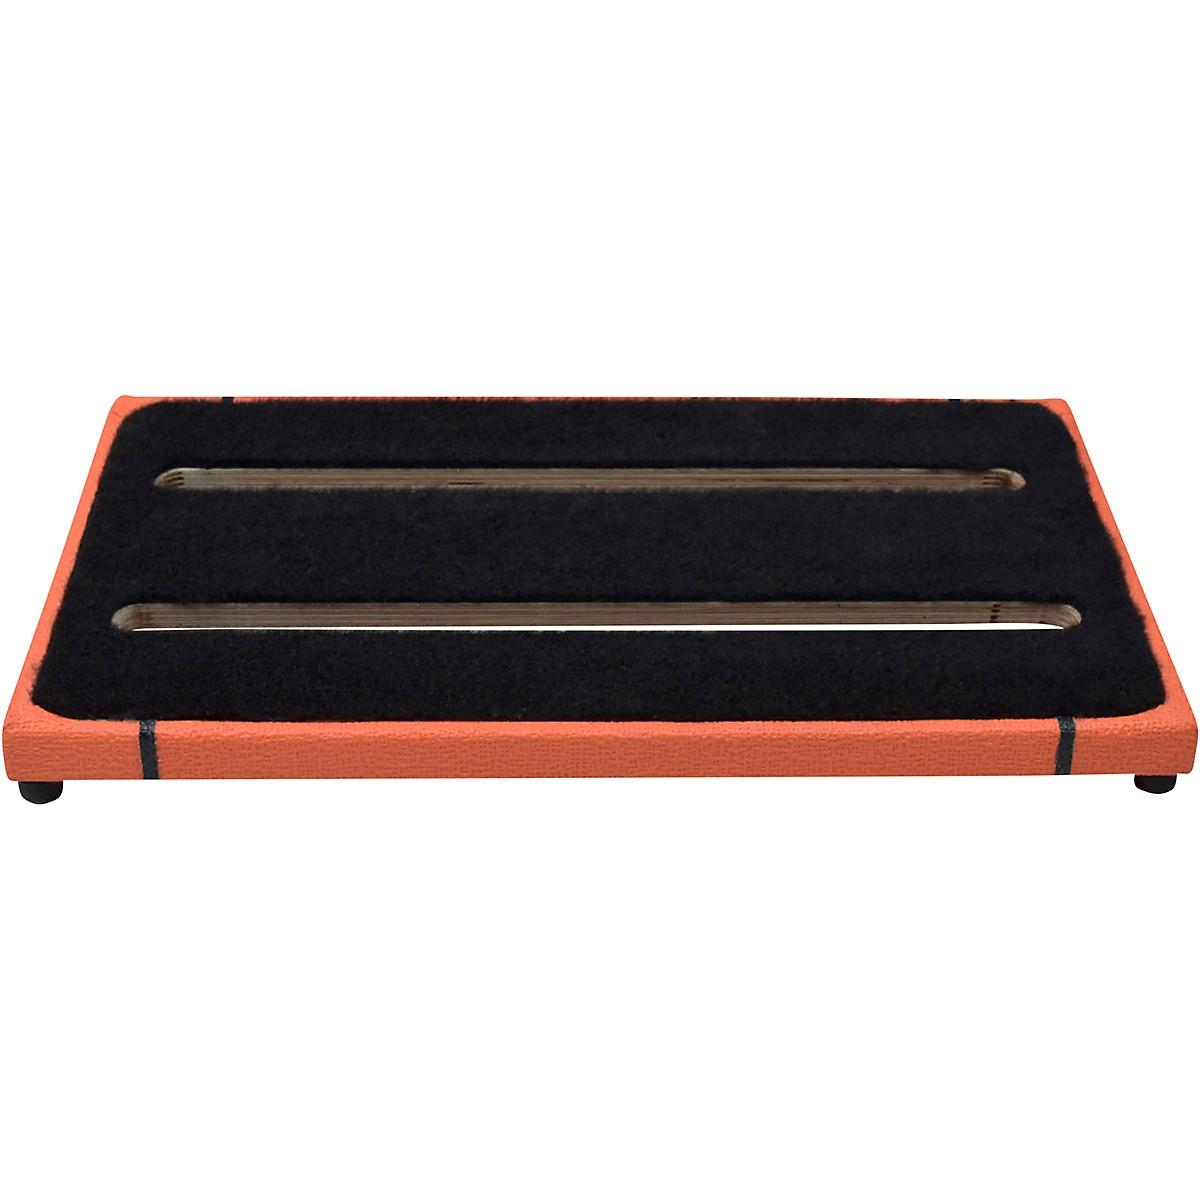 Ruach Music Orange Tolex 2 Pedalboard